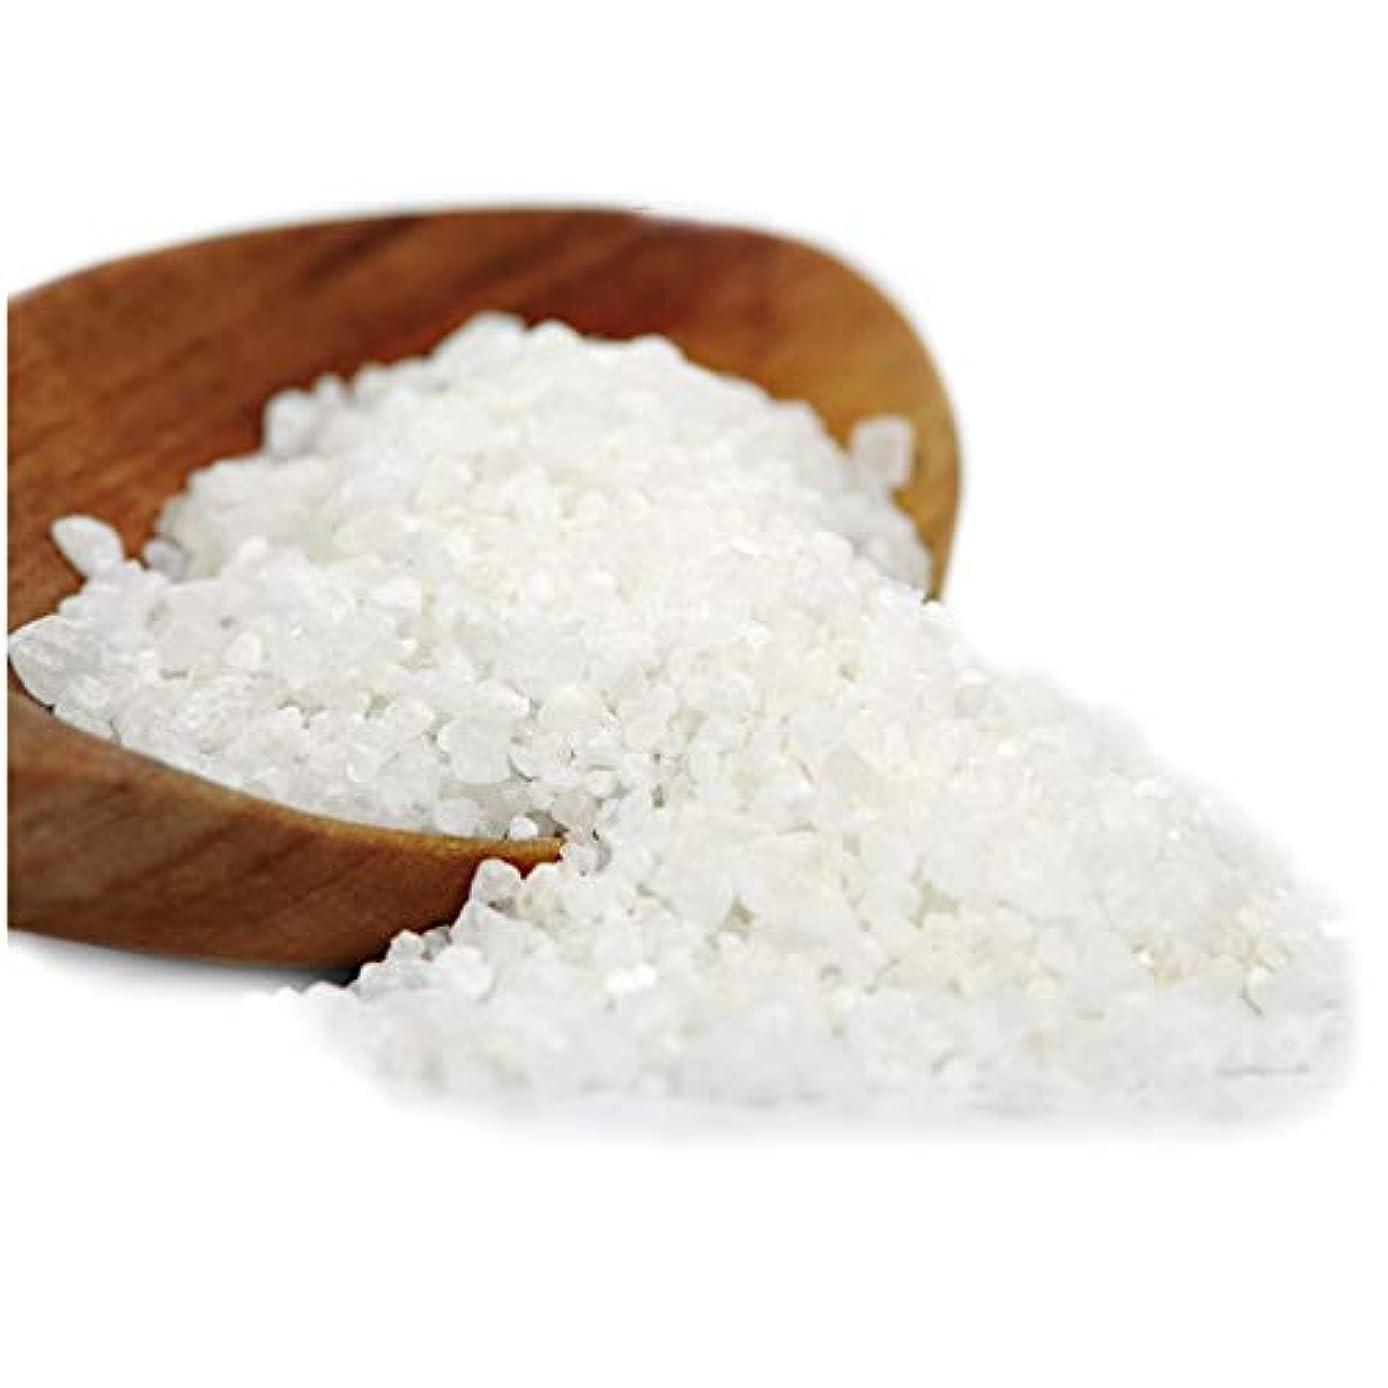 振り返る閃光差別的Dead Sea Mineral Salt - 500g